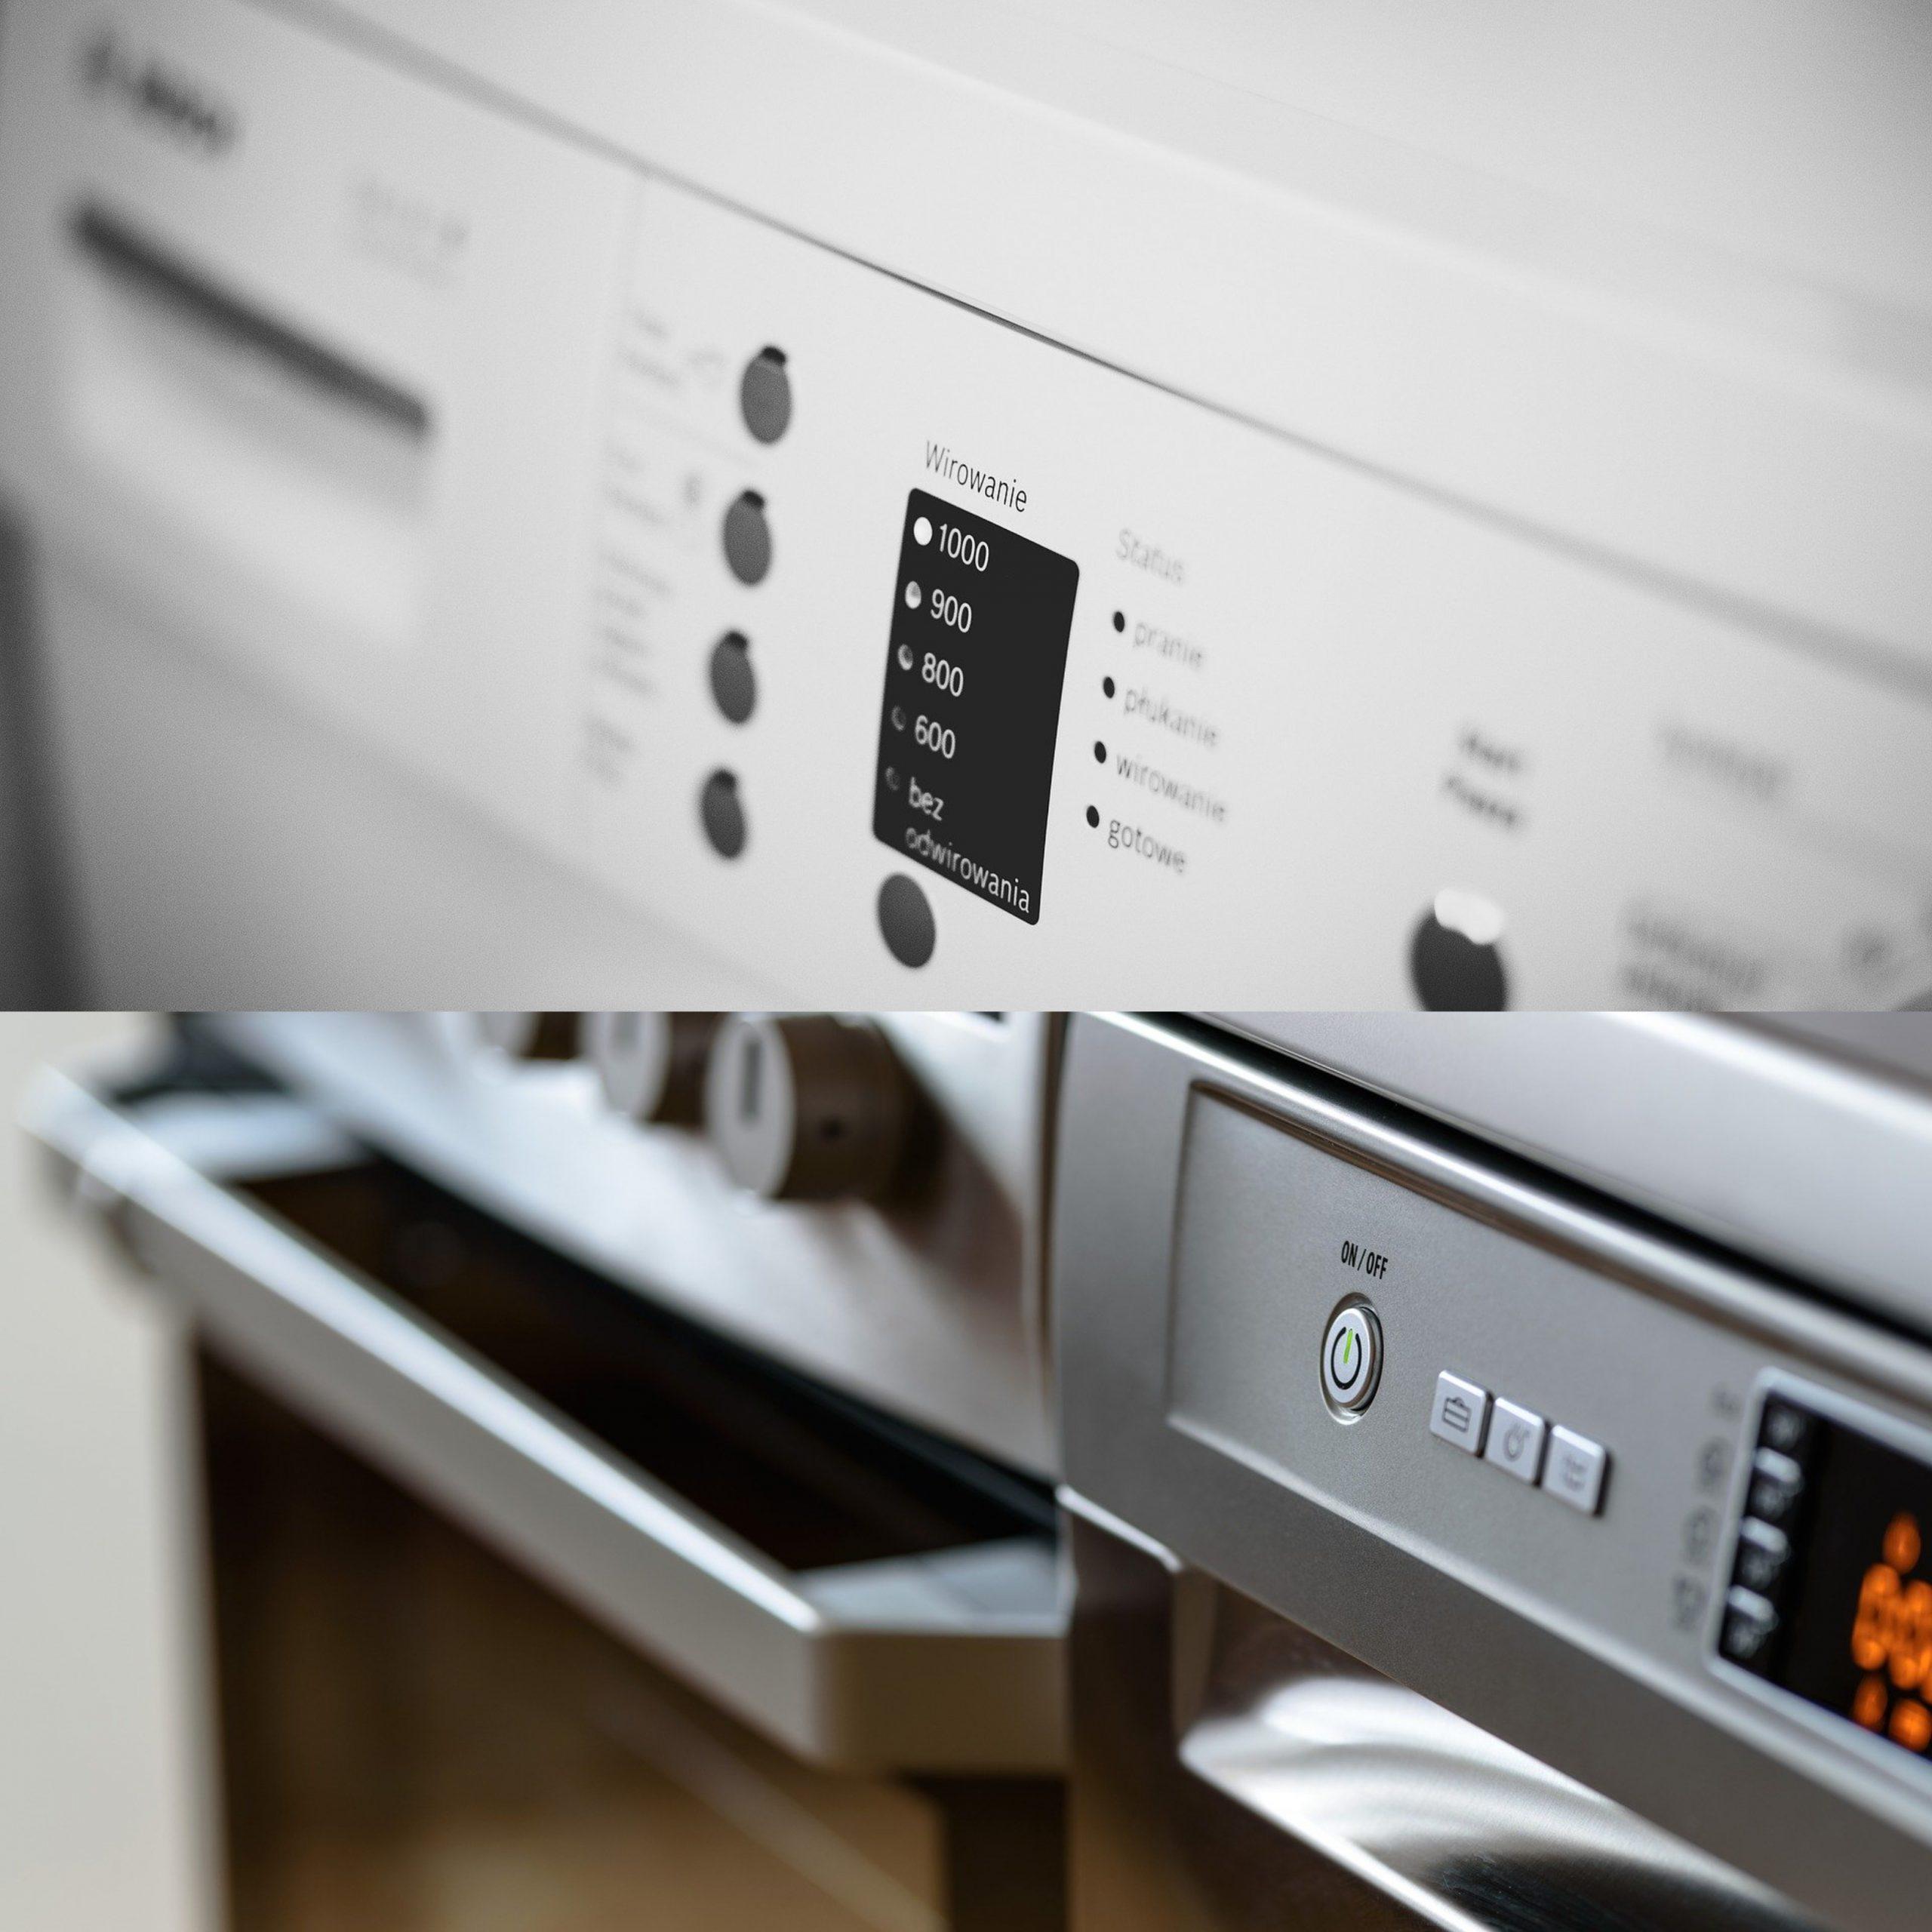 Chi produce le migliori lavastoviglie?